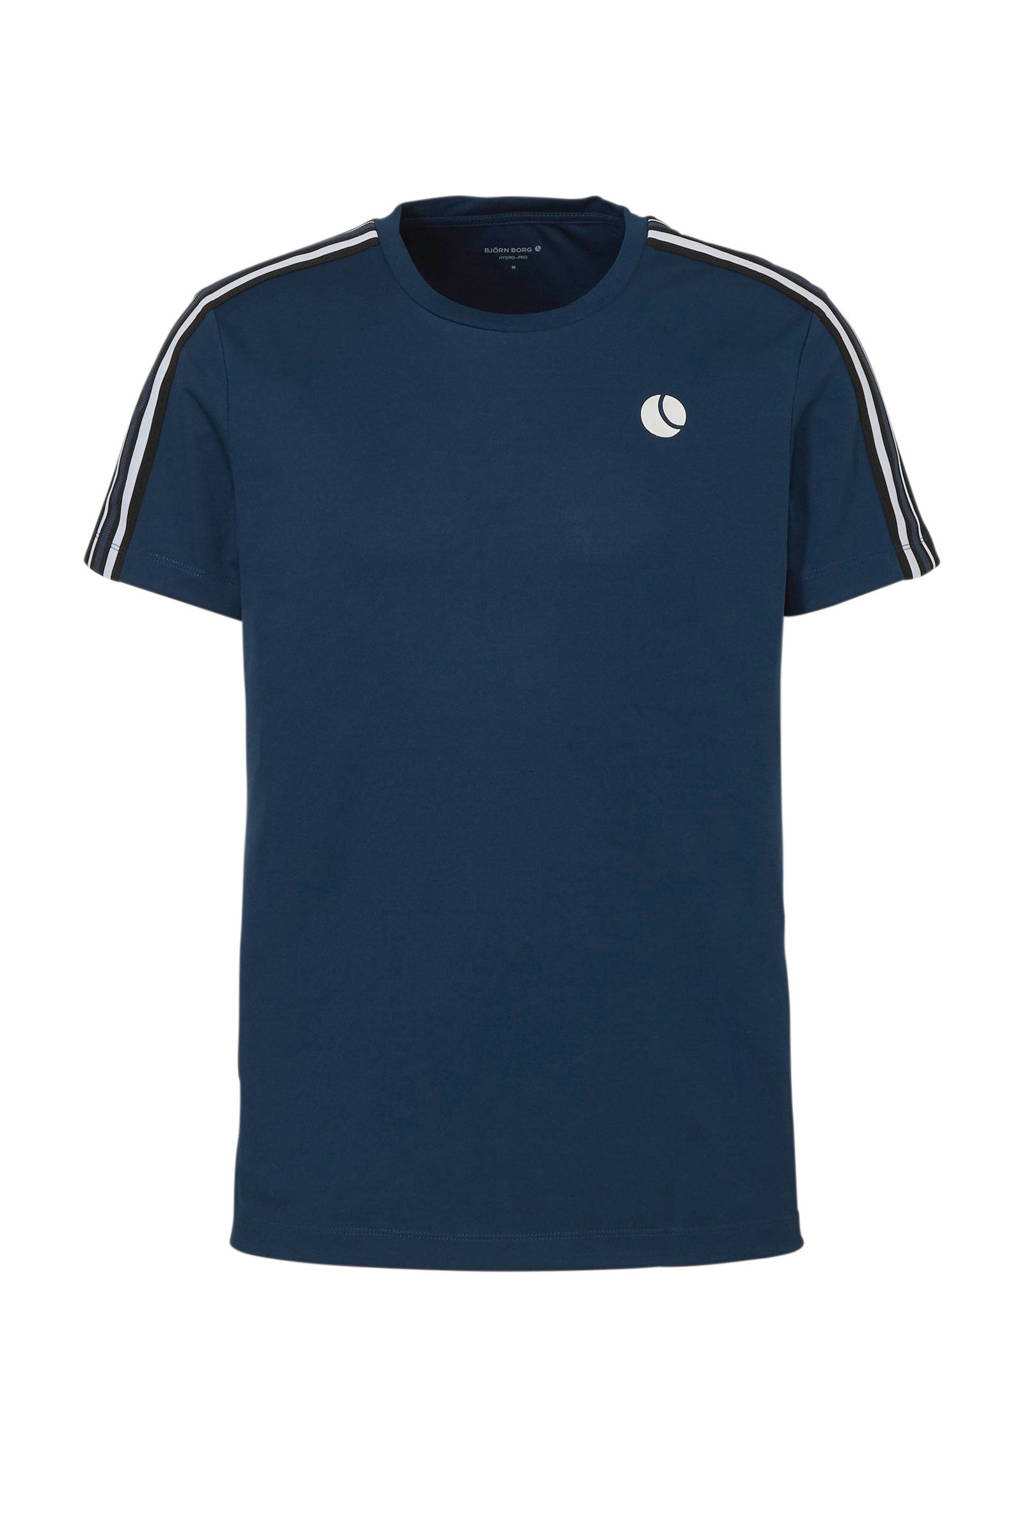 Björn Borg   sport T-shirt blauw, Blauw/zwart/wit